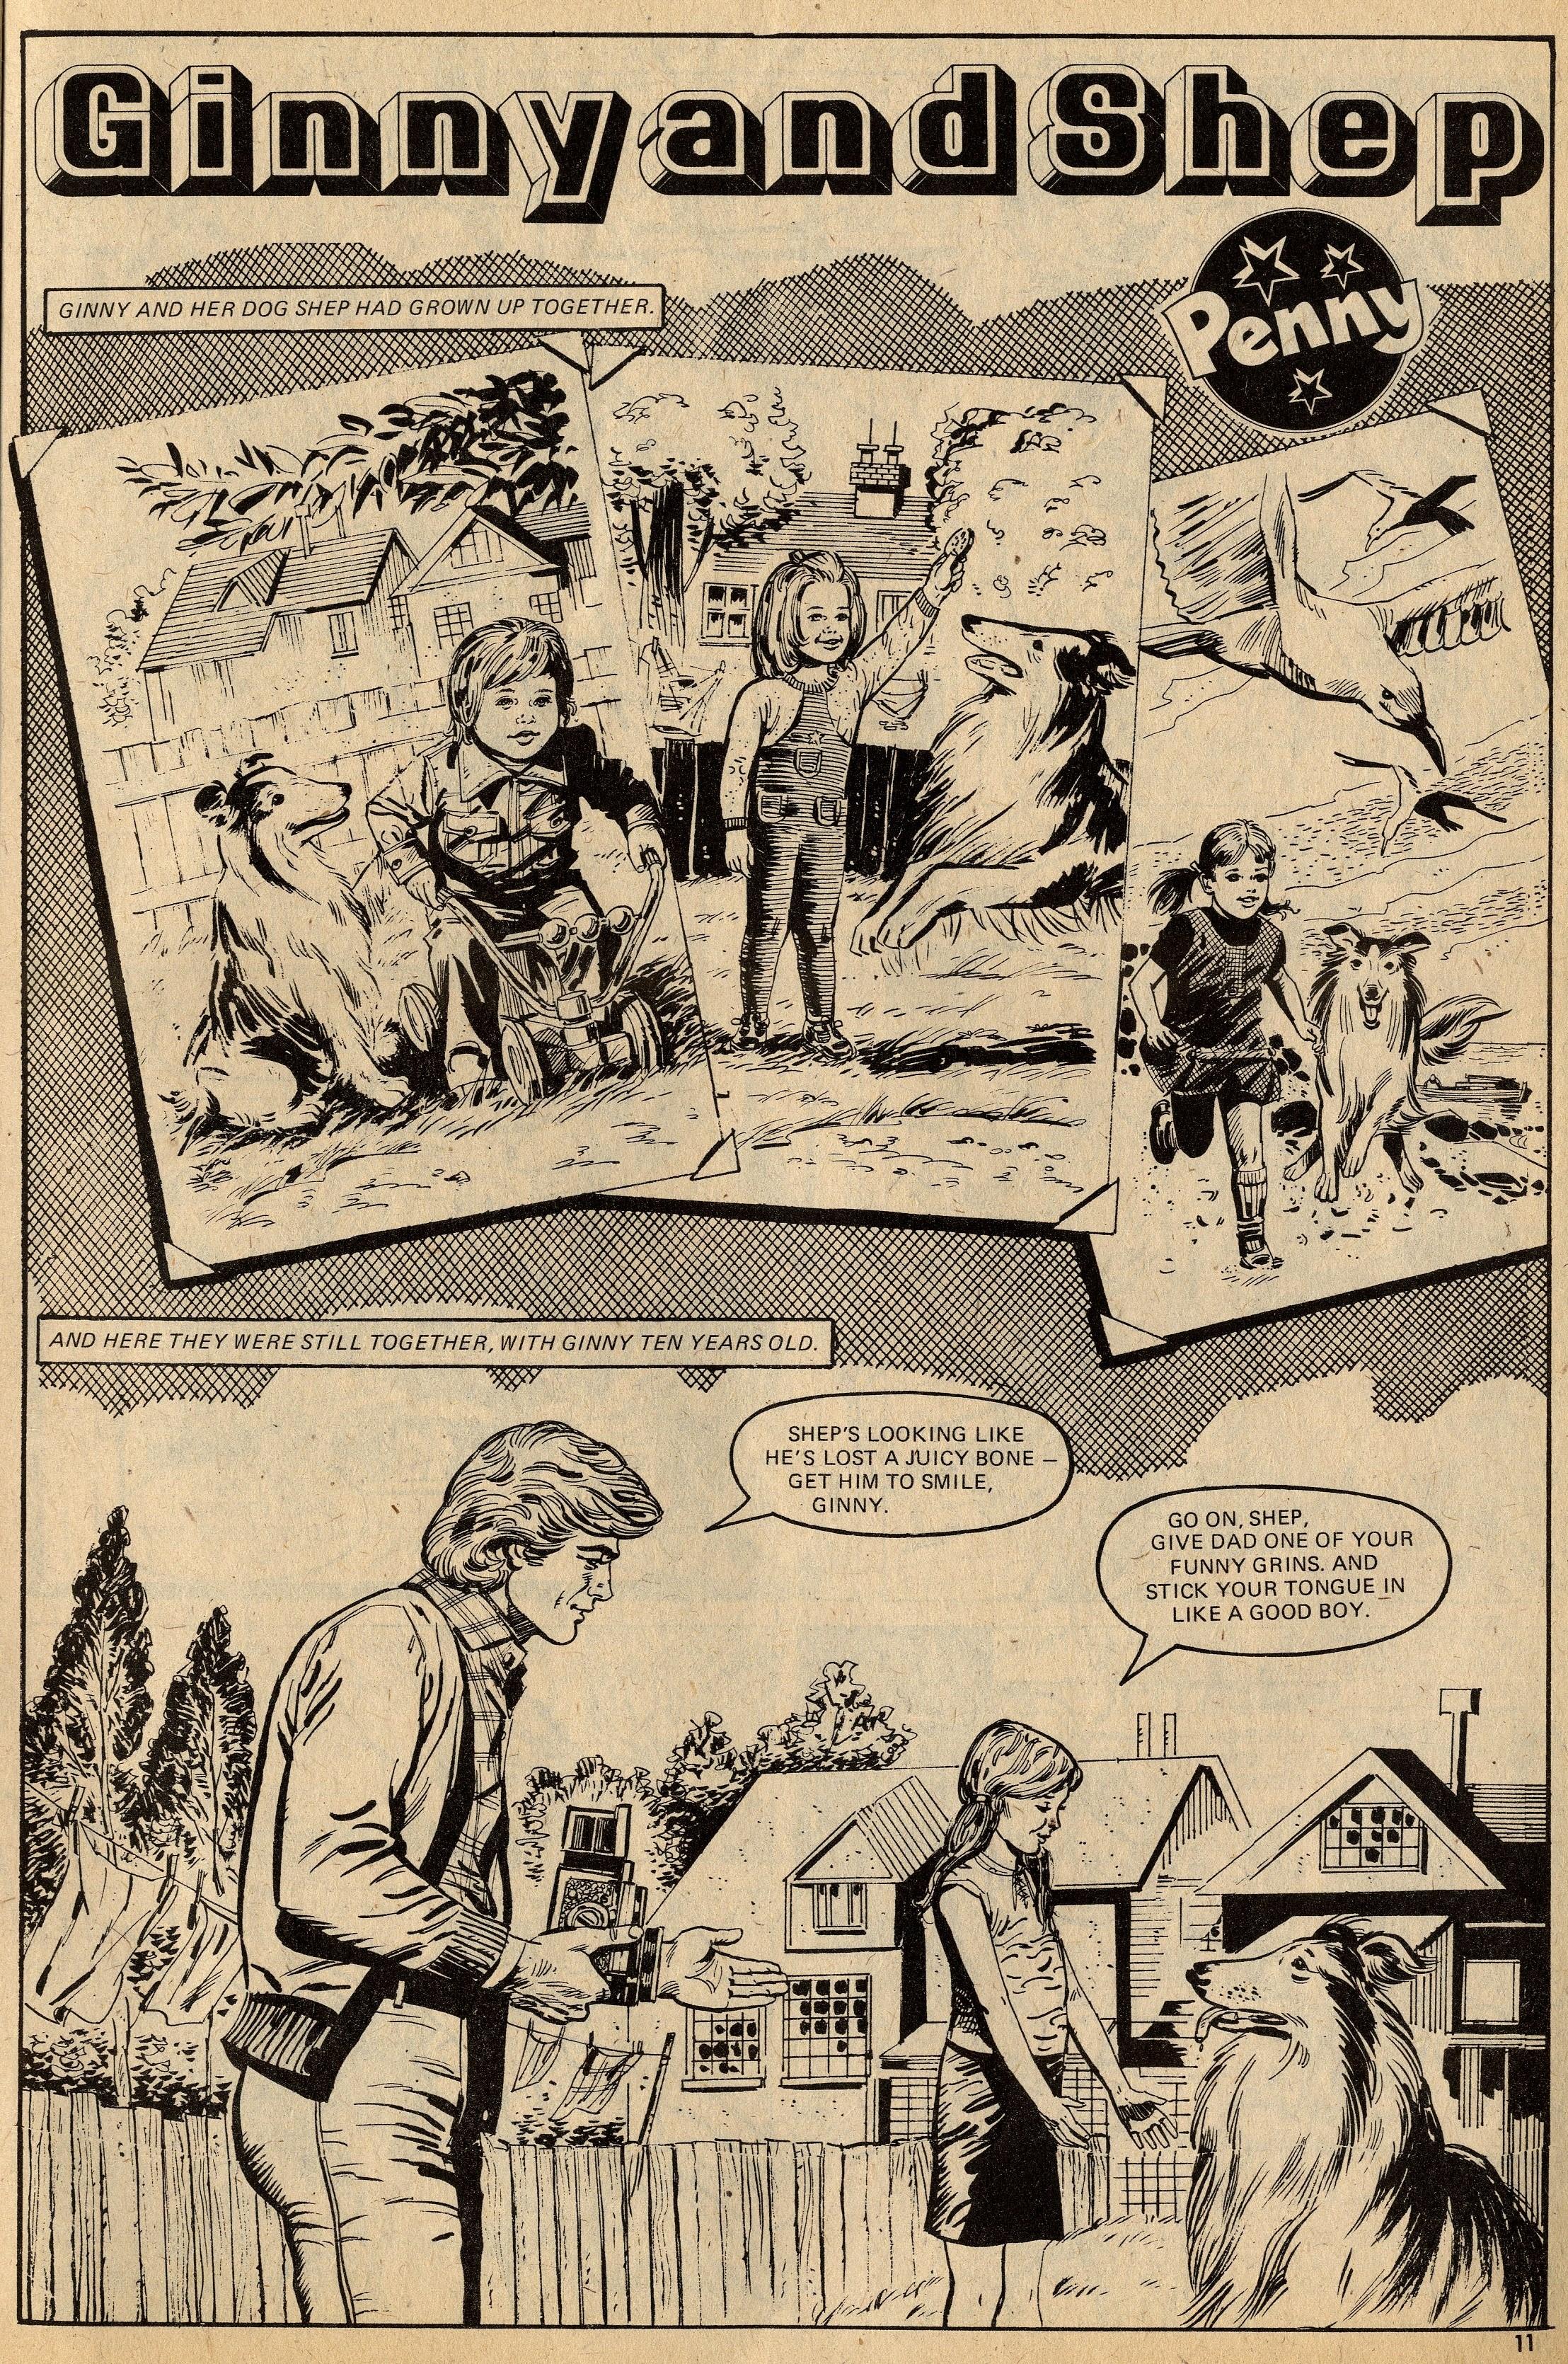 Ginny and Shep: Osvaldo Torta? (artist)